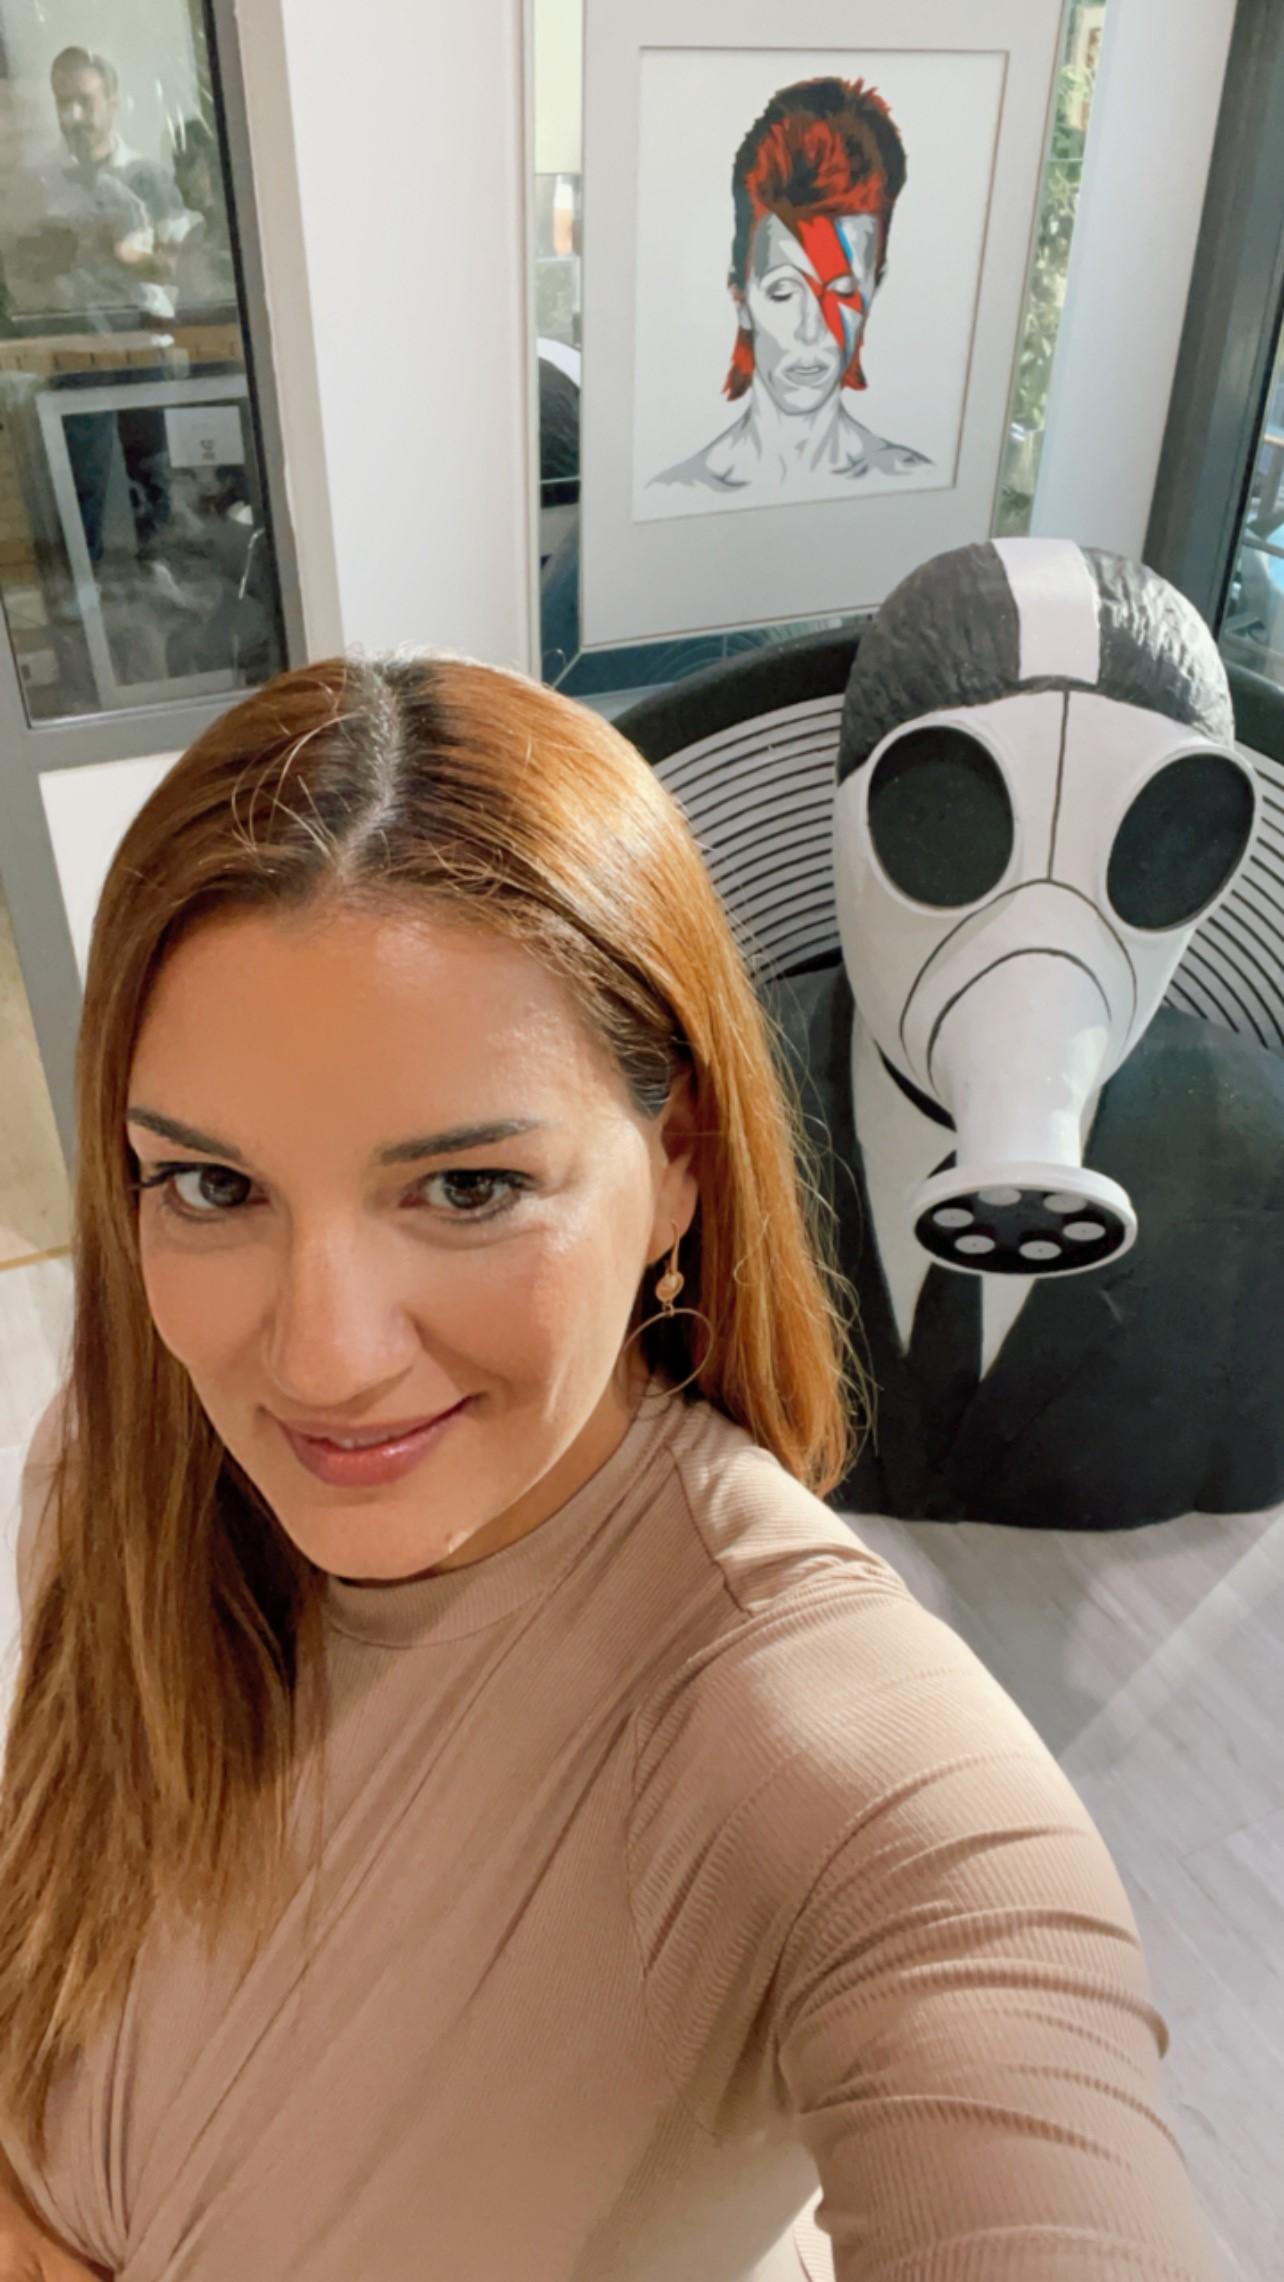 Ελίνα Παπίλα: Το νέο επαγγελματικό της βήμα λίγο πριν κάνει πρεμιέρα στο Star